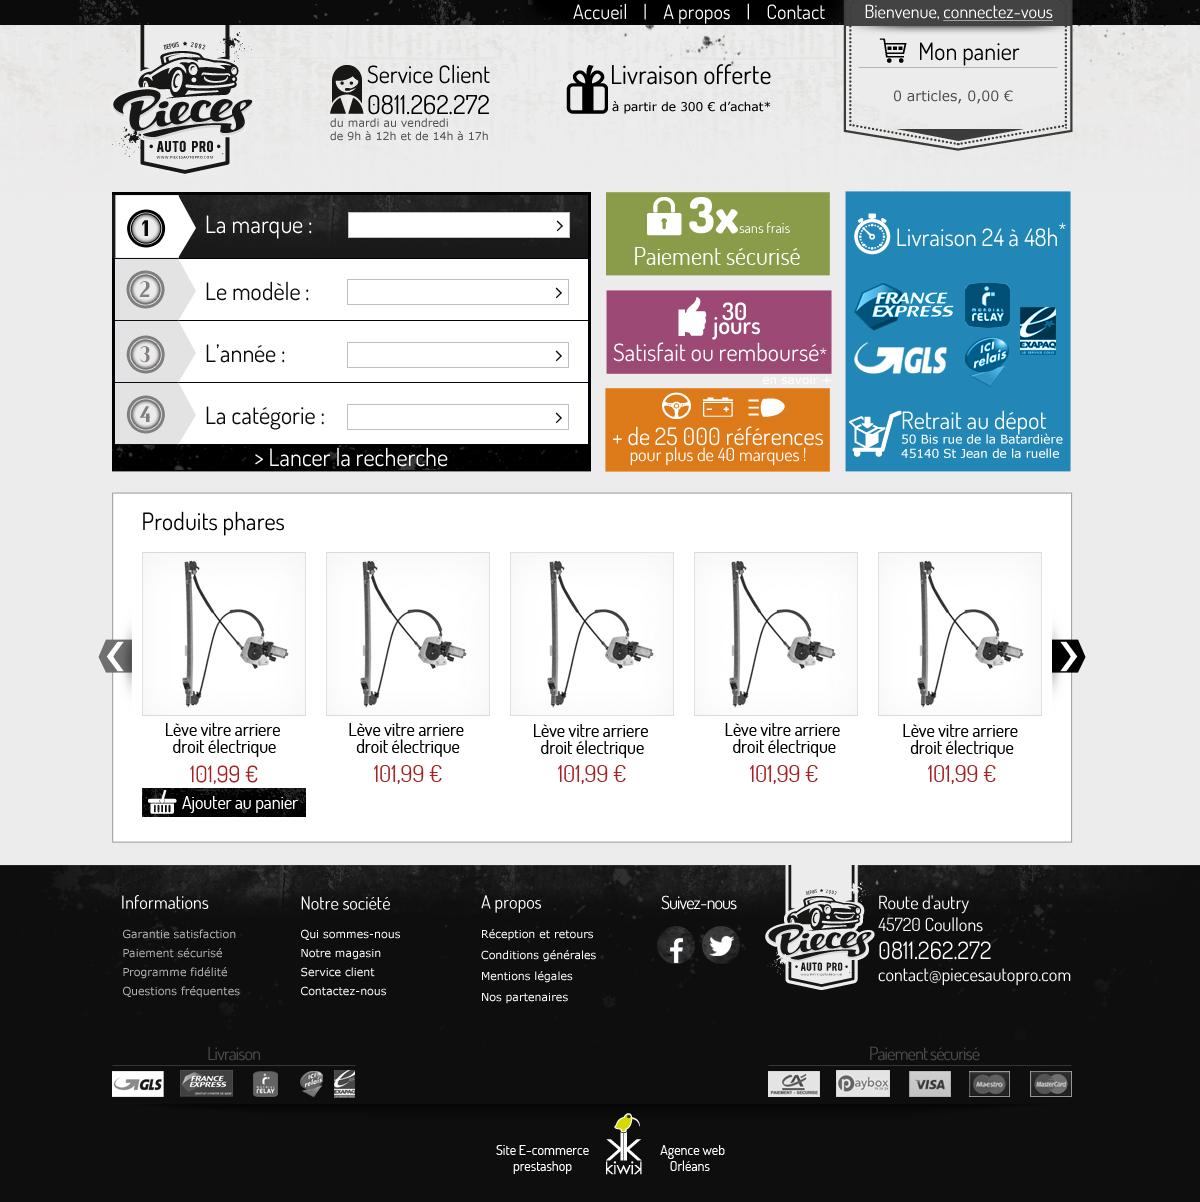 mont e de version prestashop et refonte du site pi ces auto pro. Black Bedroom Furniture Sets. Home Design Ideas